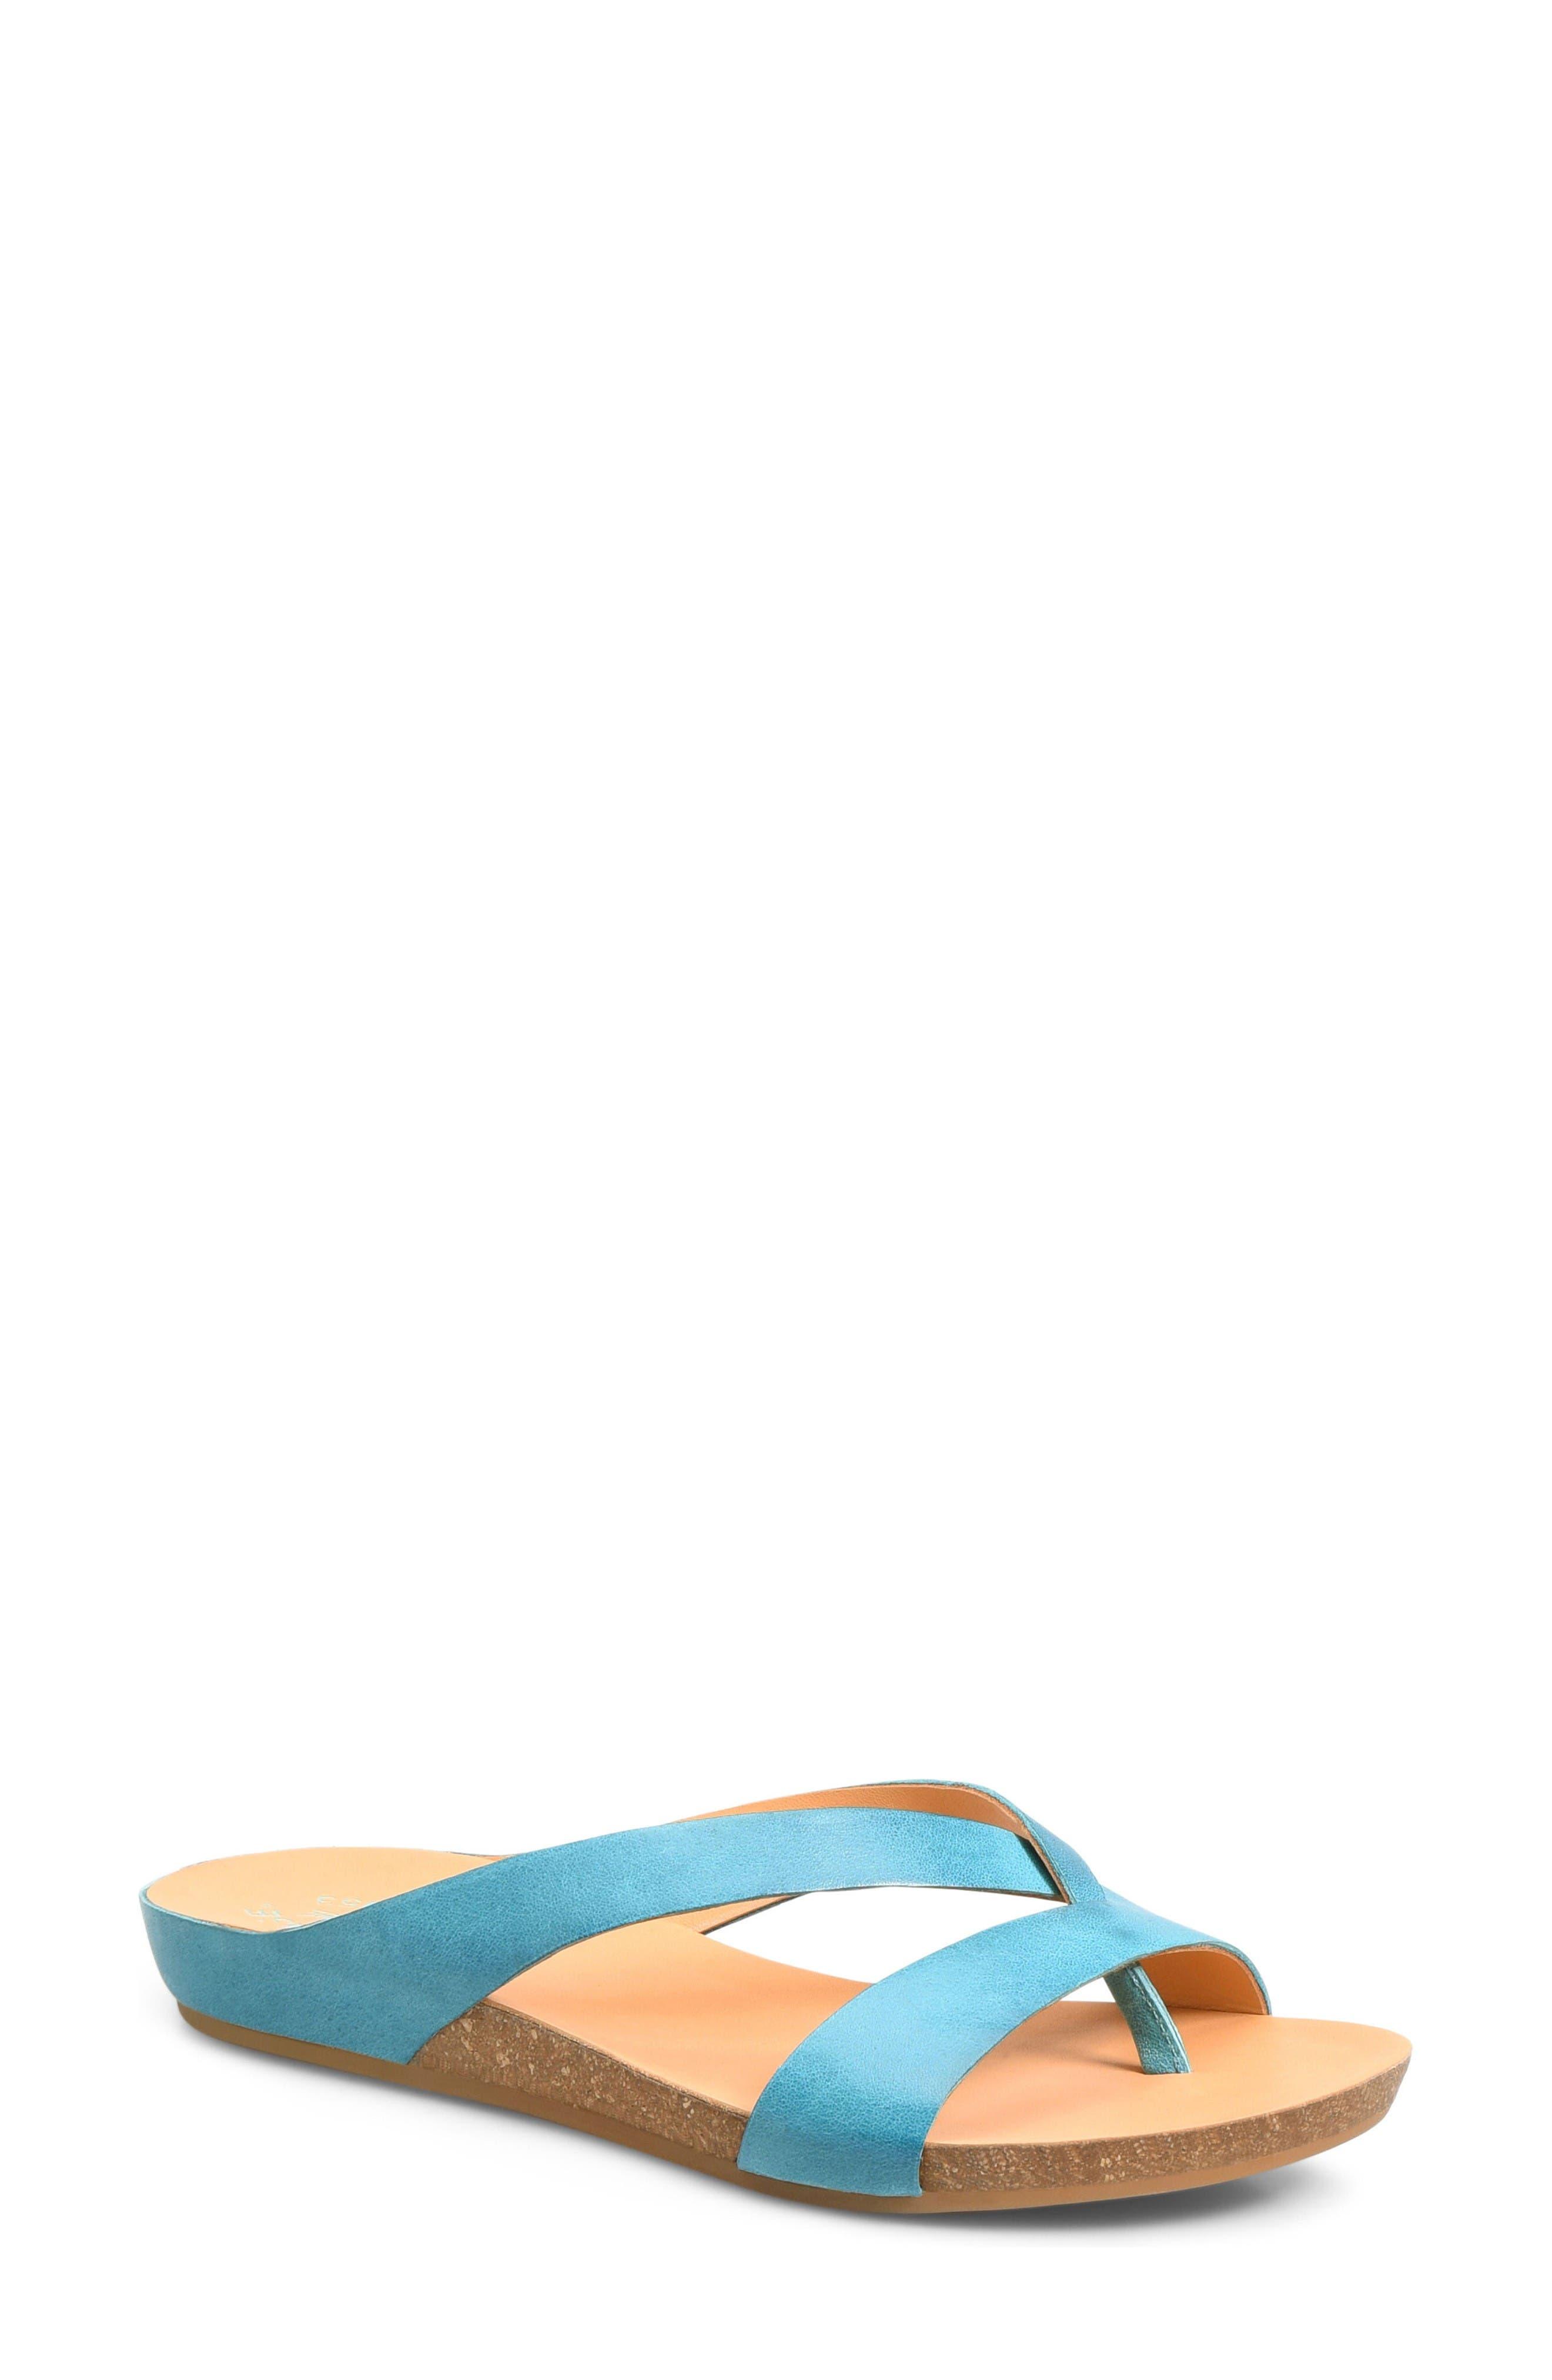 Main Image - Kork-Ease® Devoe Sandal (Women)